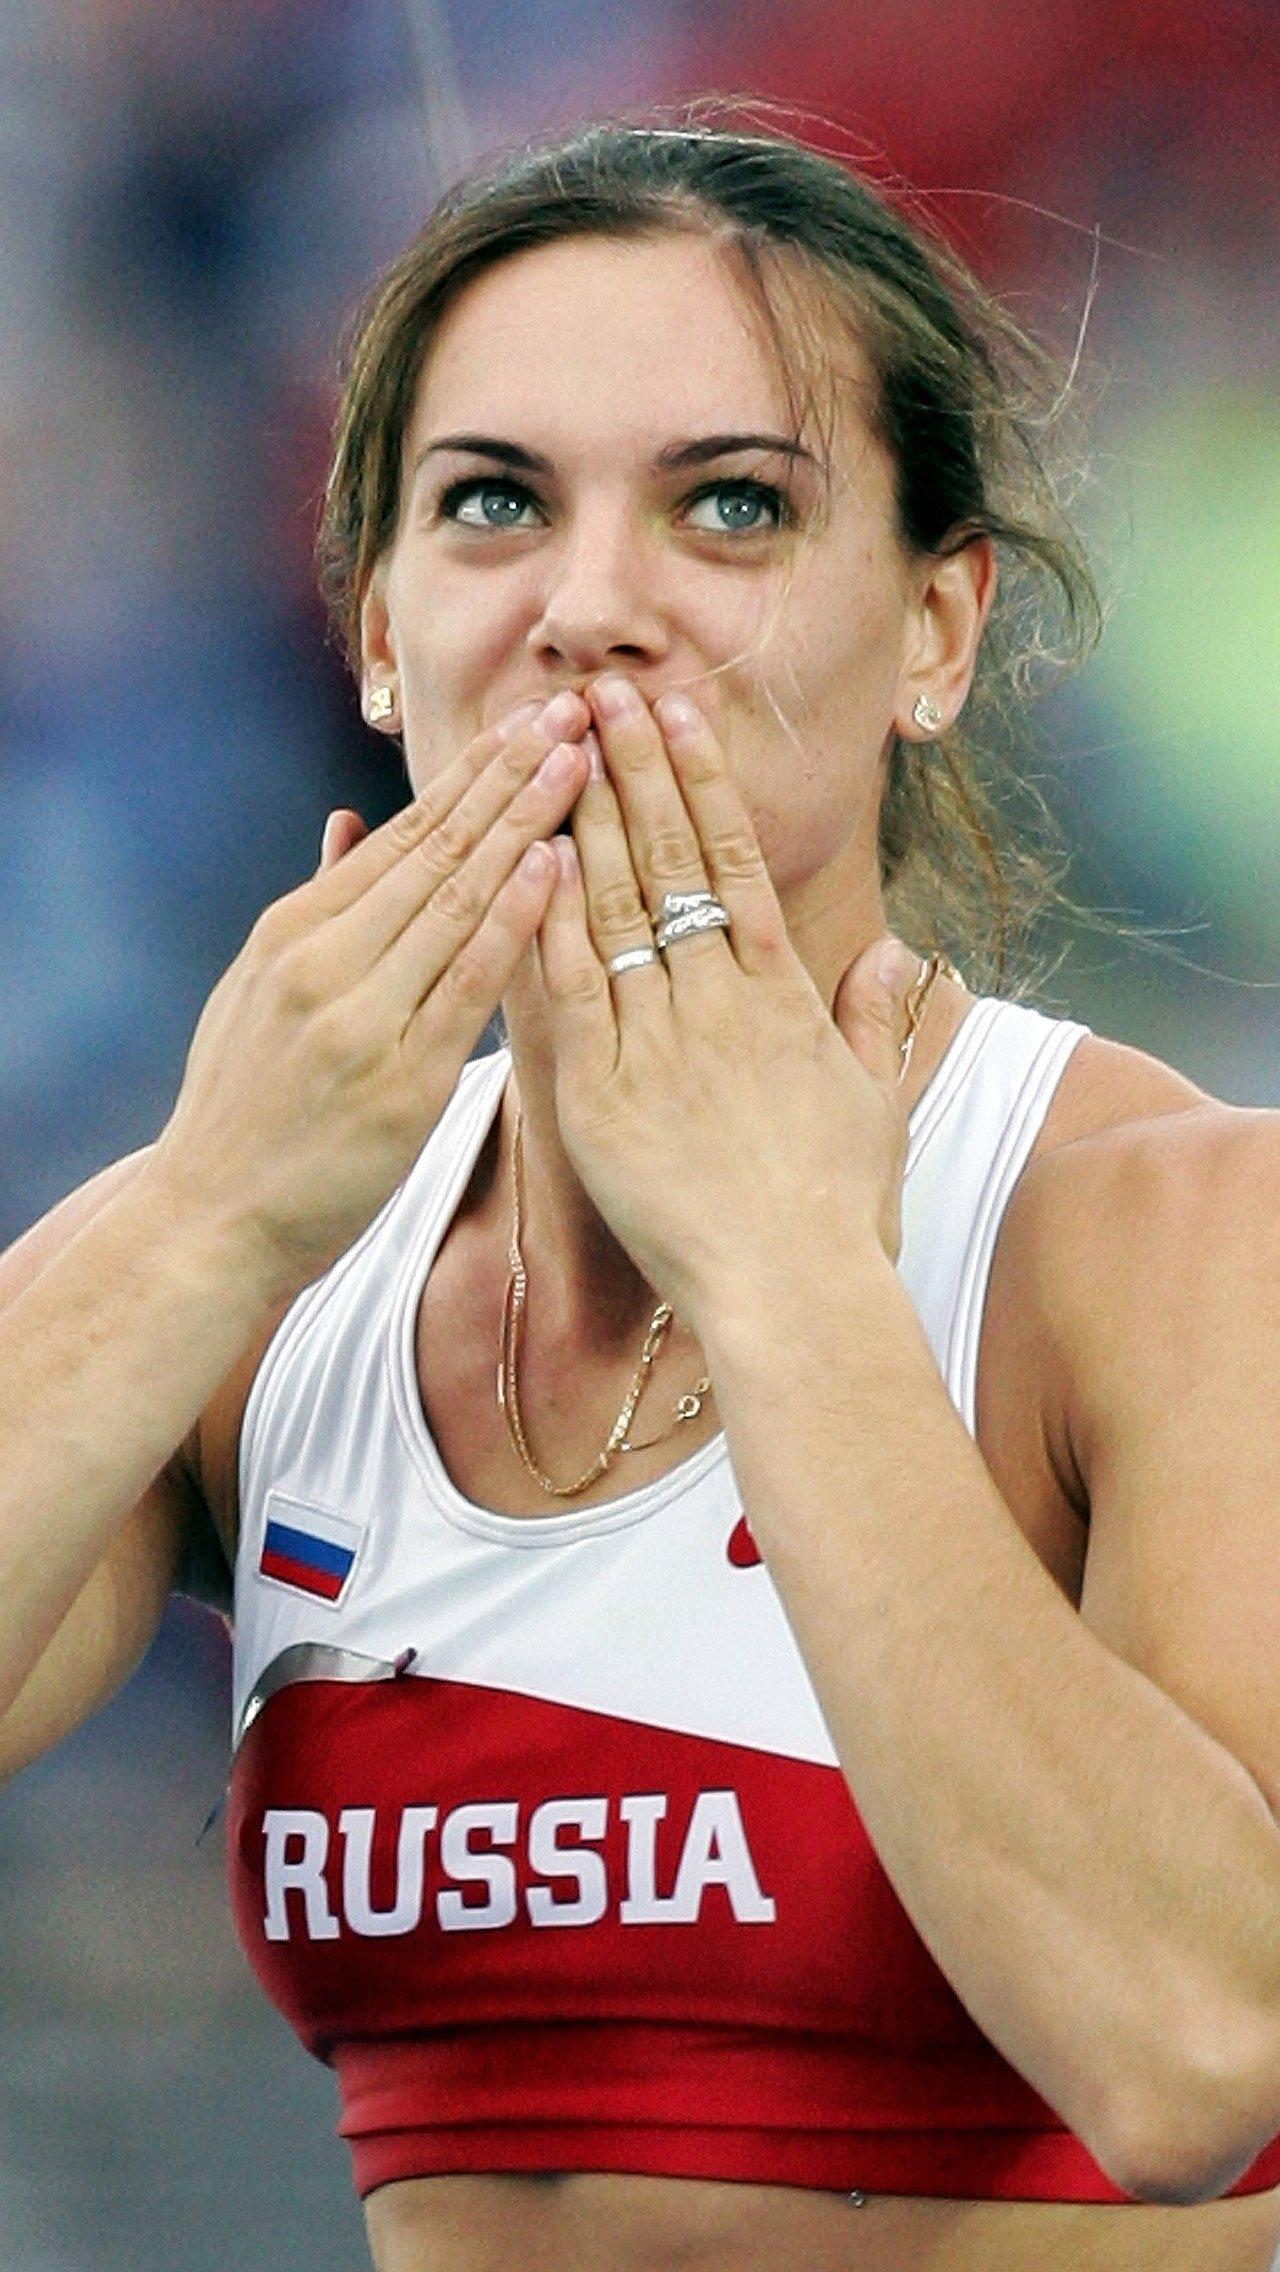 Последнюю значимую победу Исинбаева одержала на чемпионате мира в Москве в 2013 году. После этого она приостановила спортивную карьеру, а в 2016-м – завершила её.